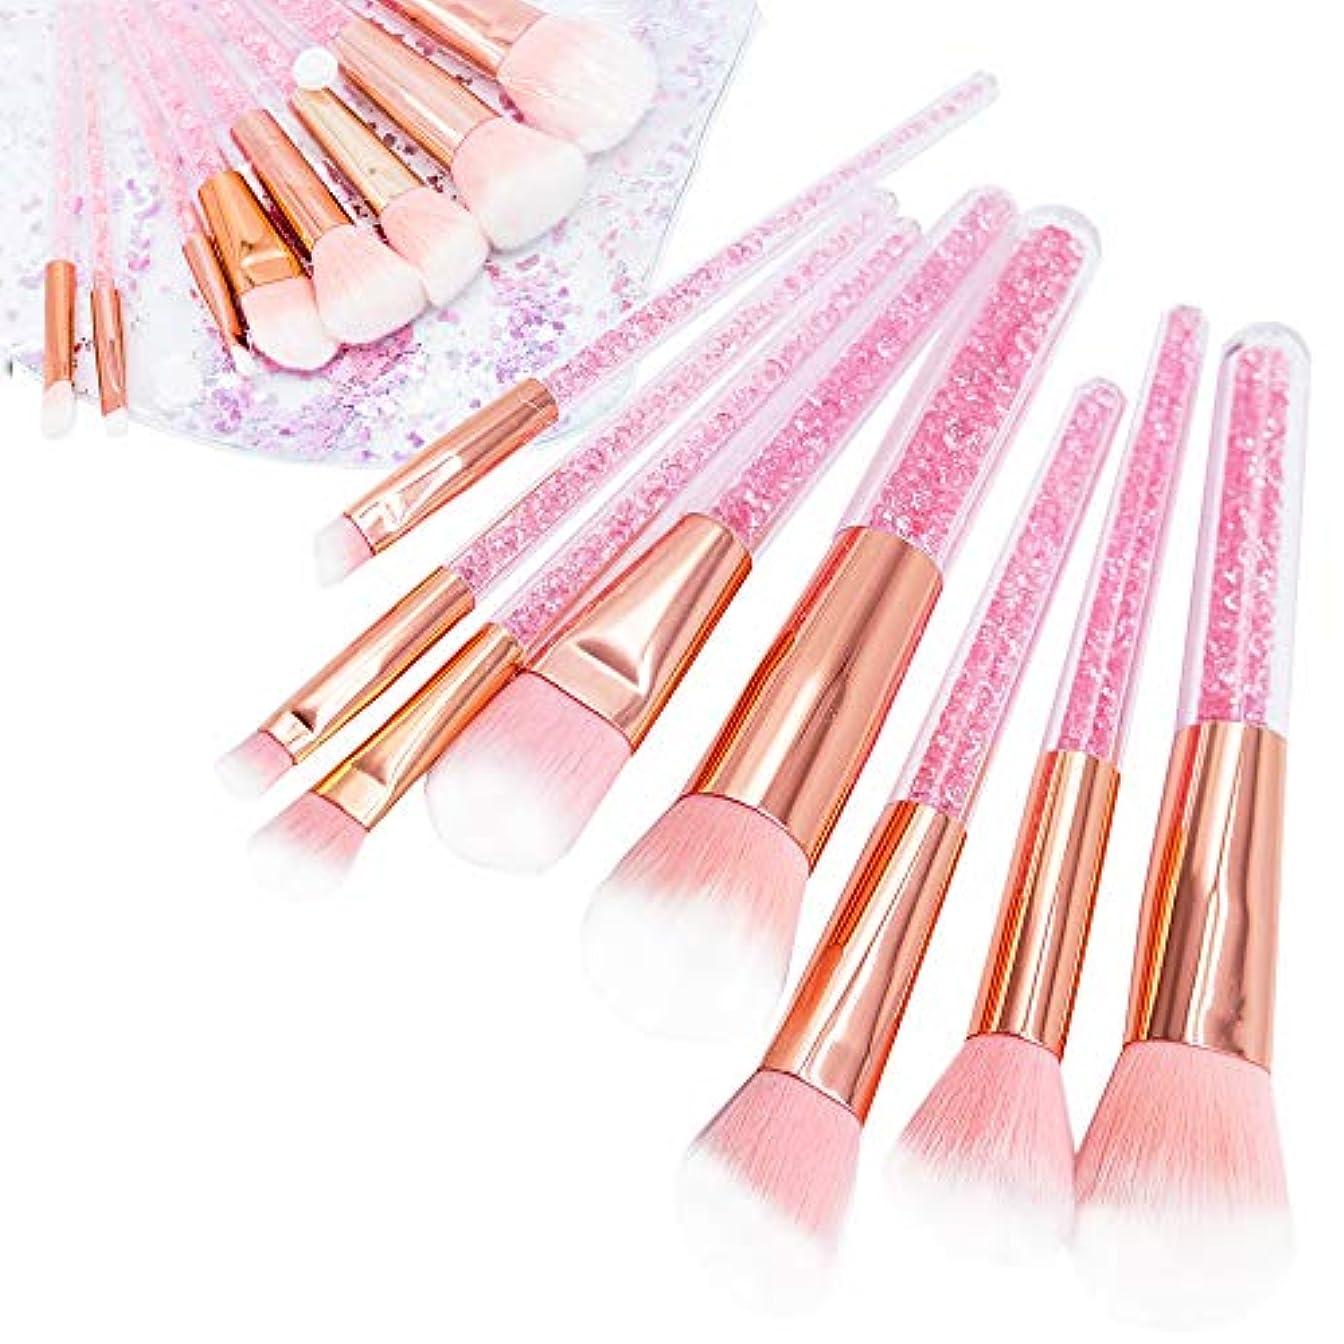 三角ゴム重々しいUrban frontier メイクブラシ 化粧筆 可愛いピンク 8本セット 化粧ポーチ付き 携帯便利 敏感肌適用